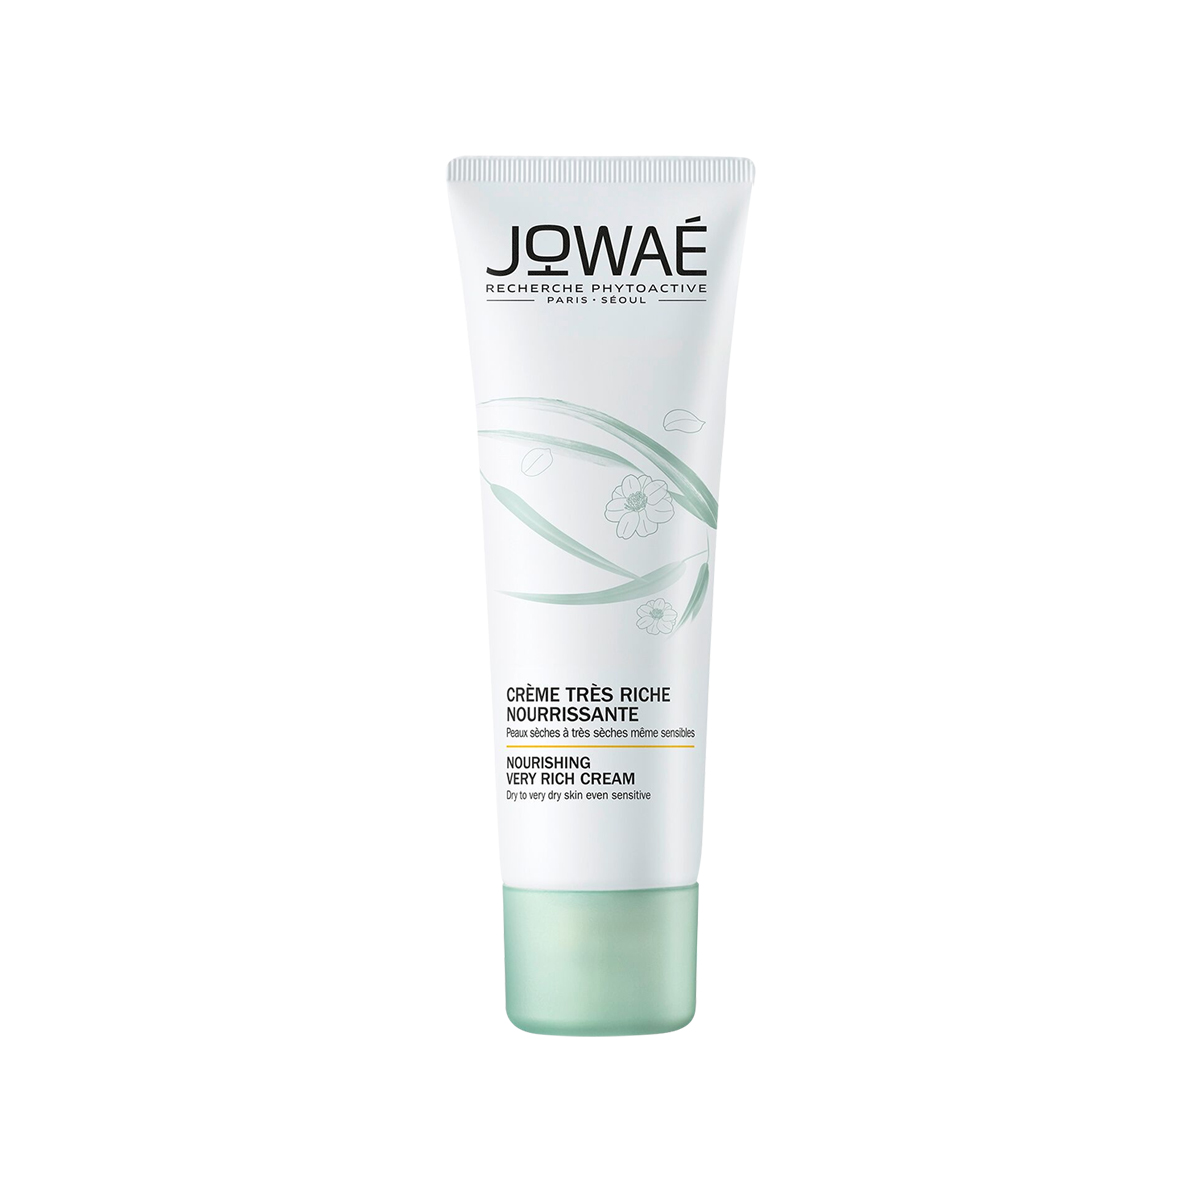 Kem cấp ẩm JOWAE cho da khô tái tạo da mỹ phẩm thiên nhiên nhập khẩu chính hãng từ Pháp NOURISHING VERY RICH CREAM 40ml